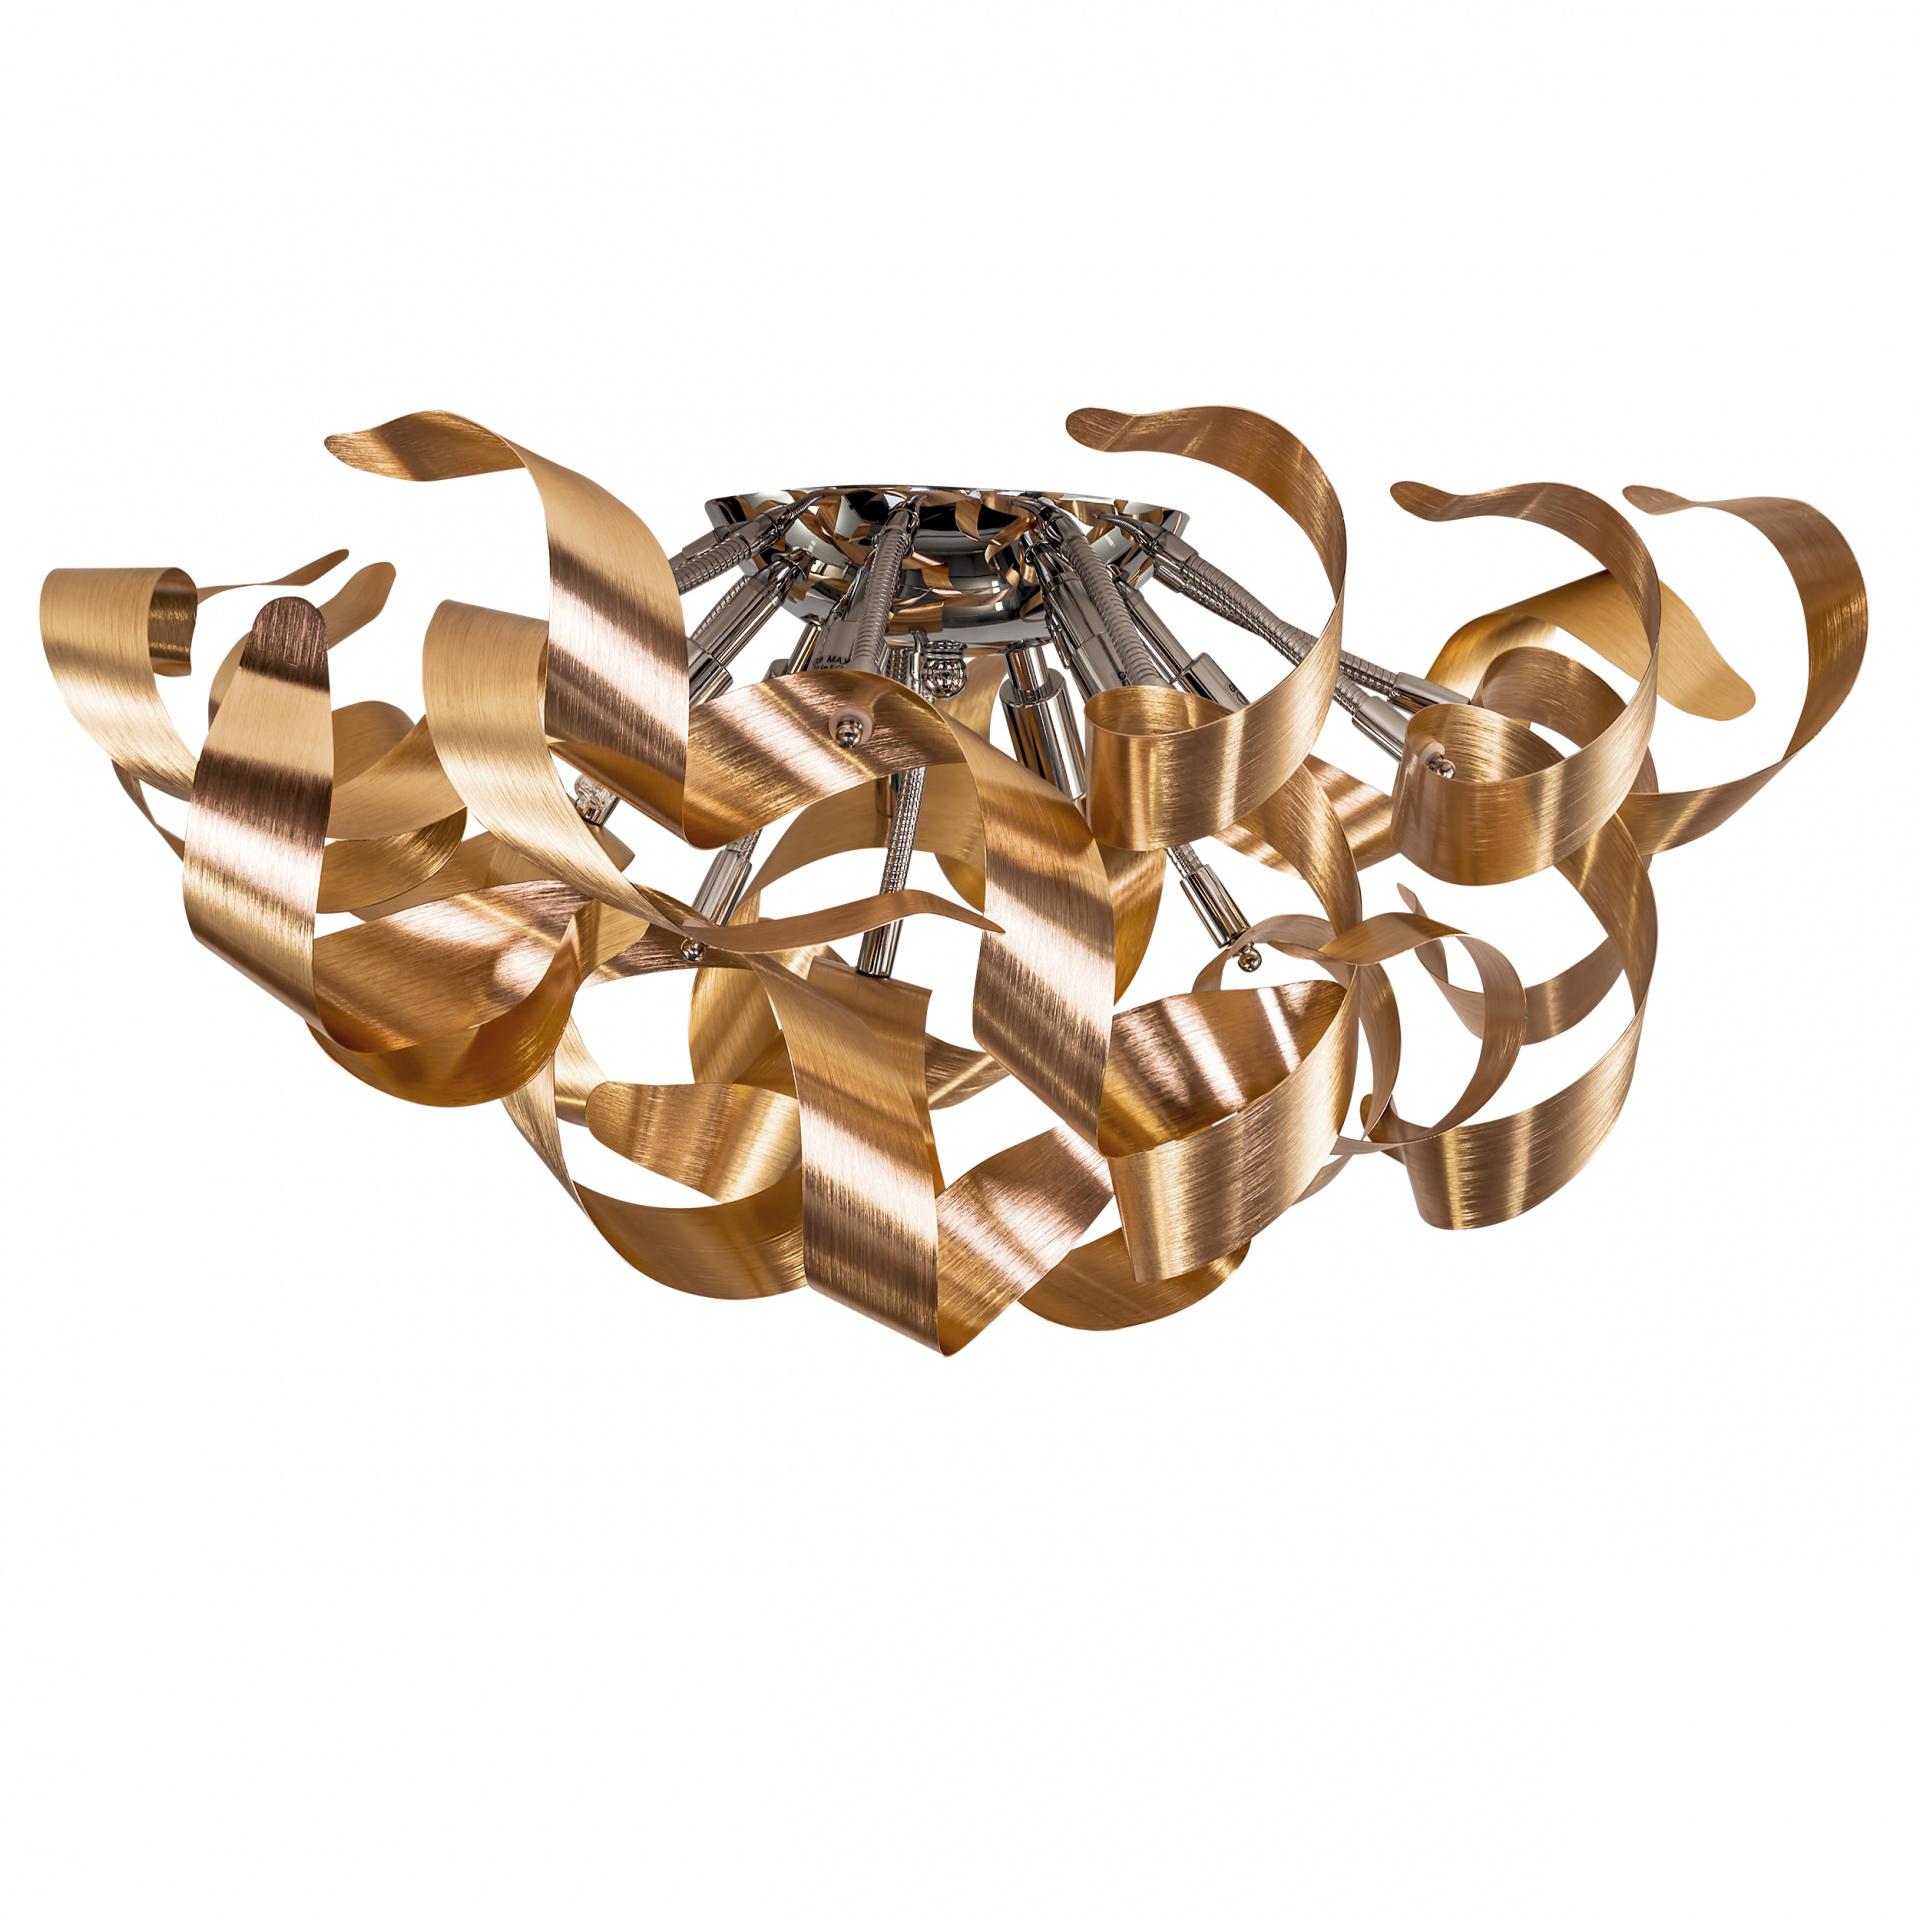 Люстра потолочная Turbio 6х40W G9 светлая медь Lightstar 754061, купить в СПб, Москве, с доставкой, Санкт-Петербург, интернет-магазин люстр и светильников Starlight, фото в жизни